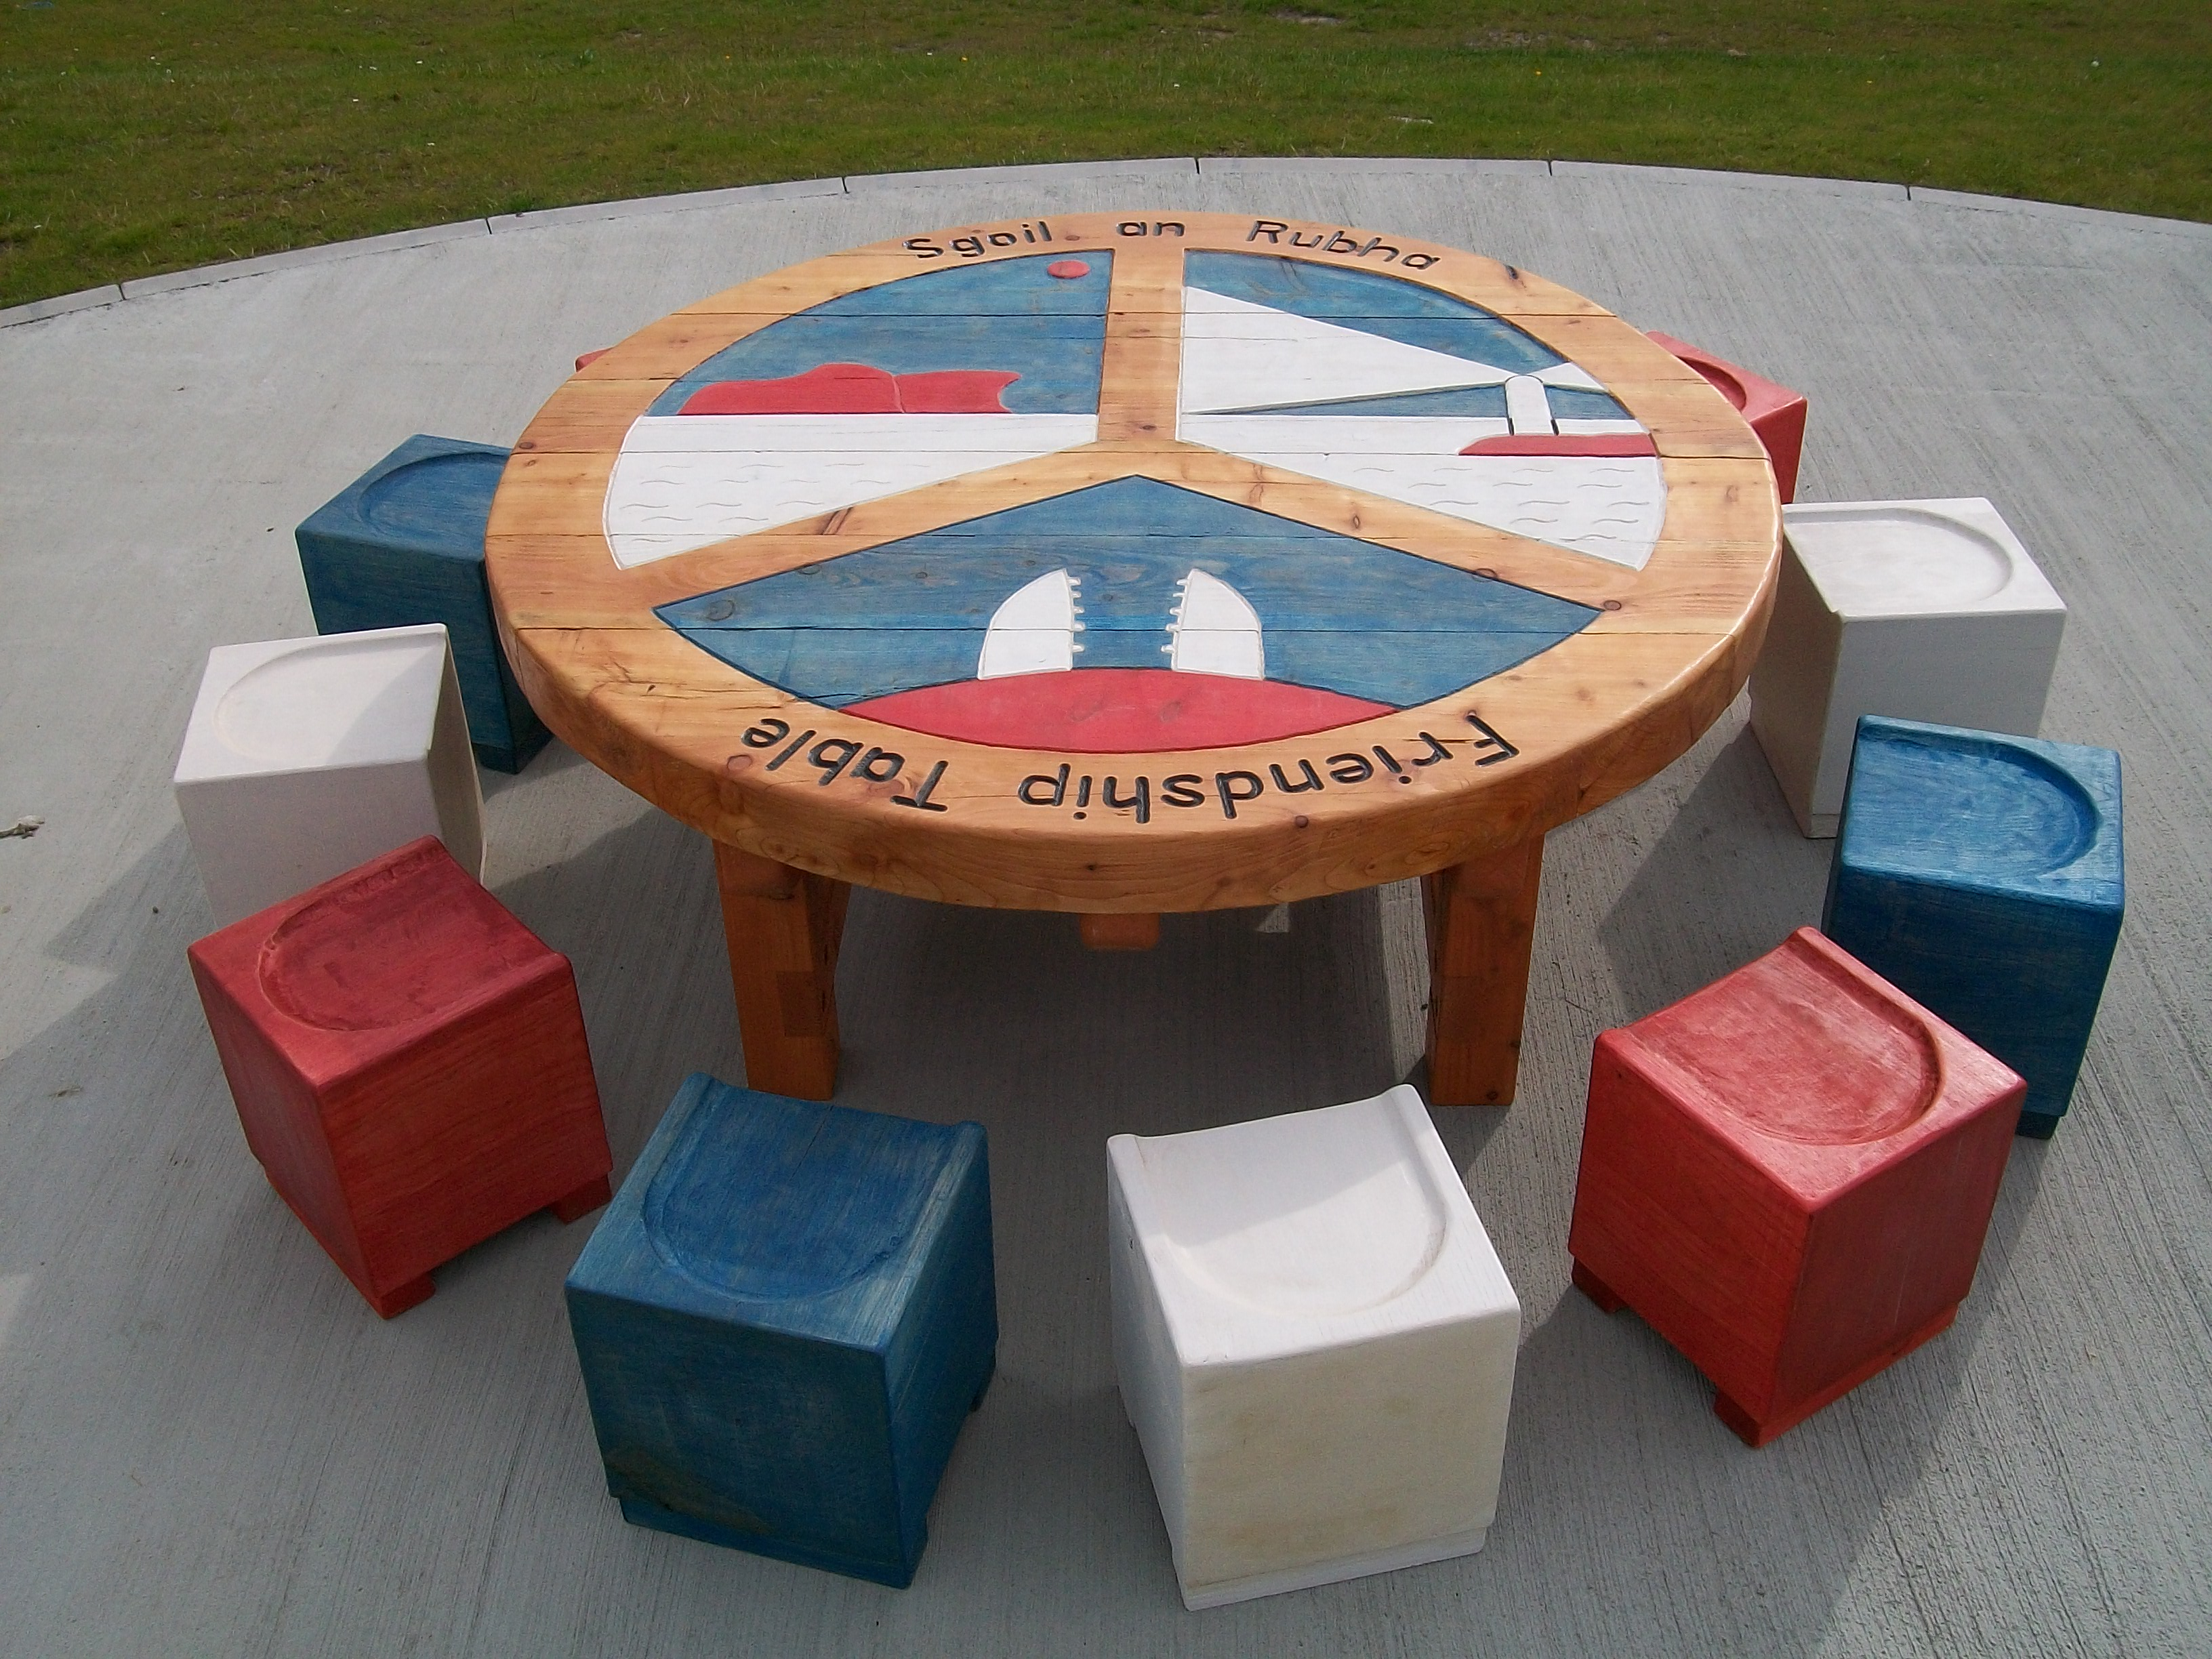 round table, garden furniture, gardens, sculpture, school playground, durable,fun, outdoor furniture, bespoke, custom made,